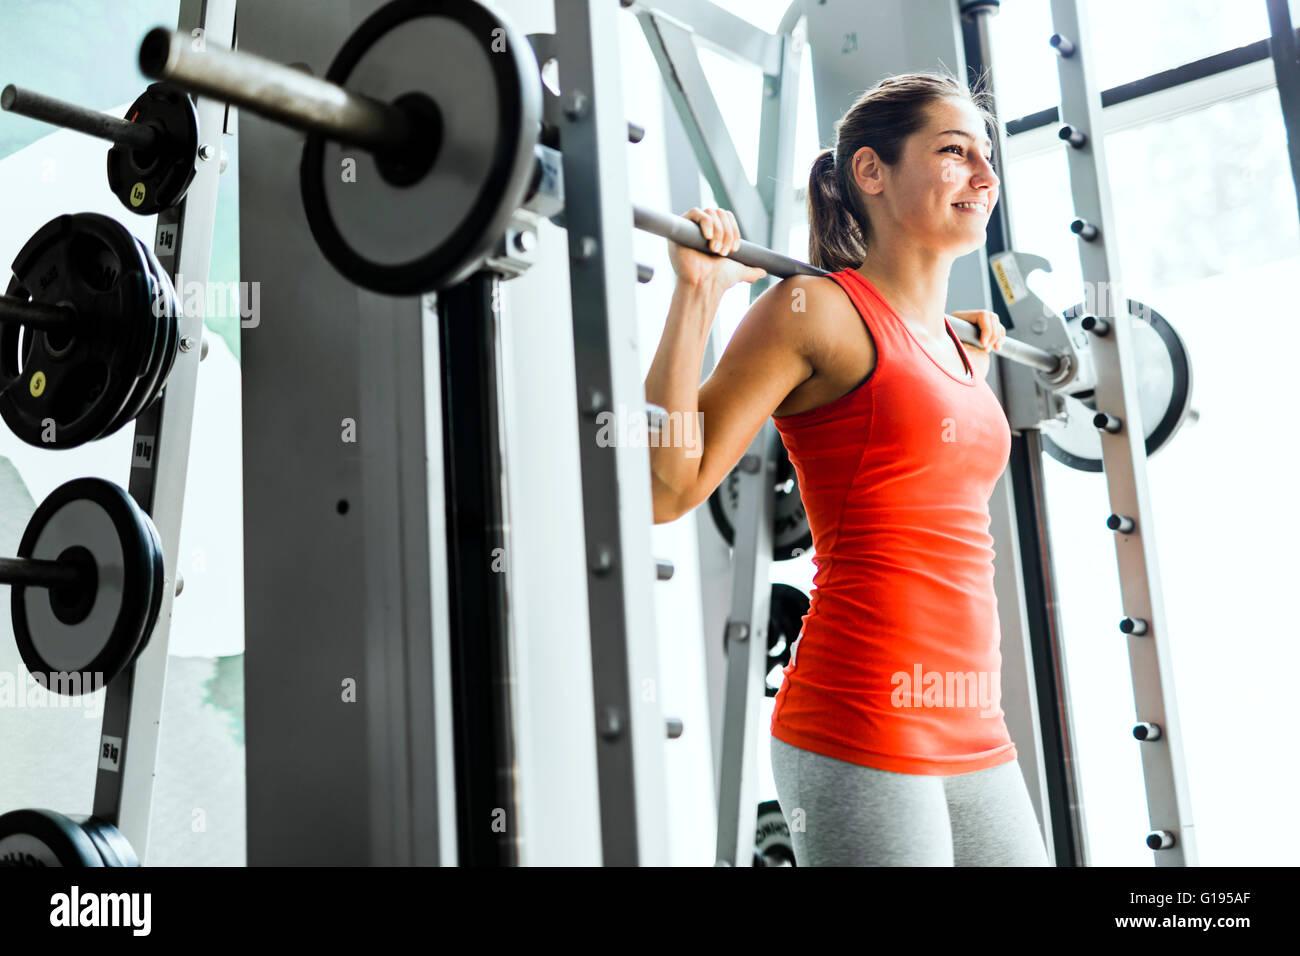 Centrado joven mujer hermosa levantamiento de pesas en el gimnasio Imagen De Stock